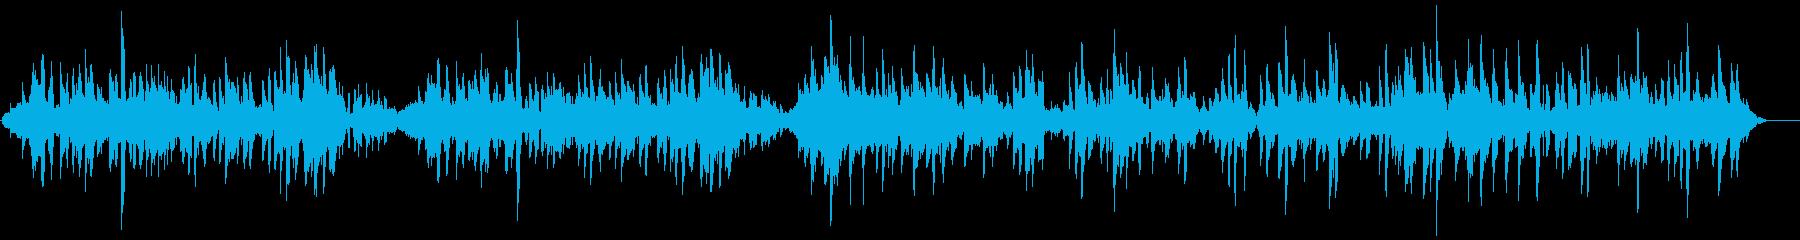 ギターとフルートのオシャレなサンバの再生済みの波形